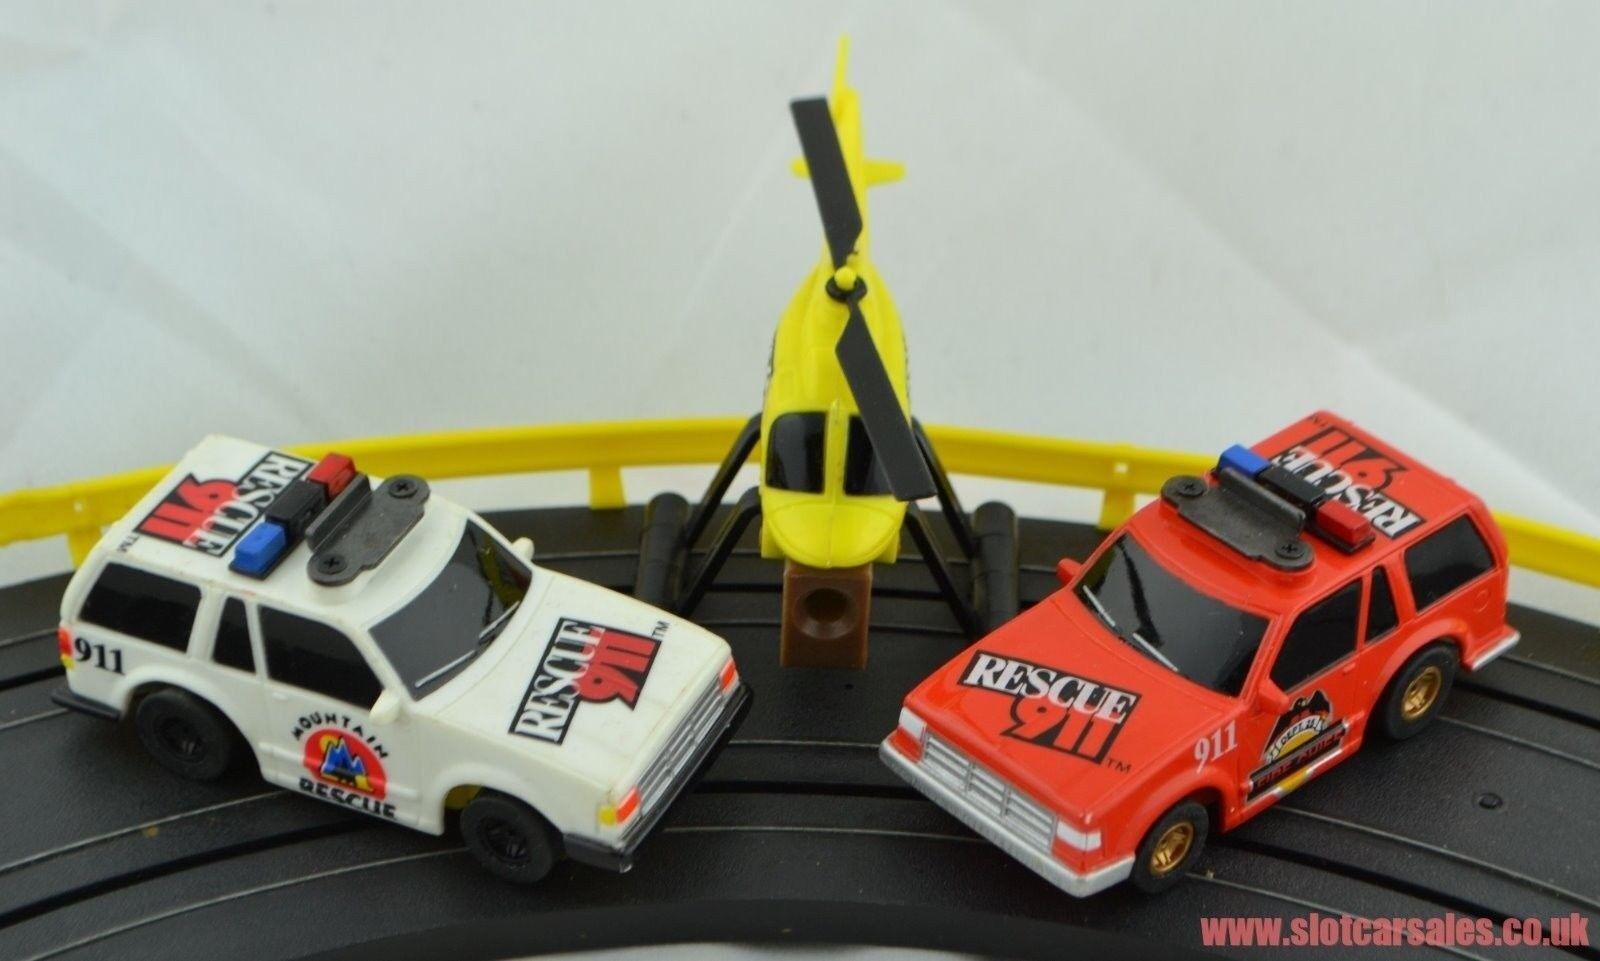 Conjunto muy raro MR-1 Marchon sólo coches y helicóptero 2 Ford exploradores 911 rescate